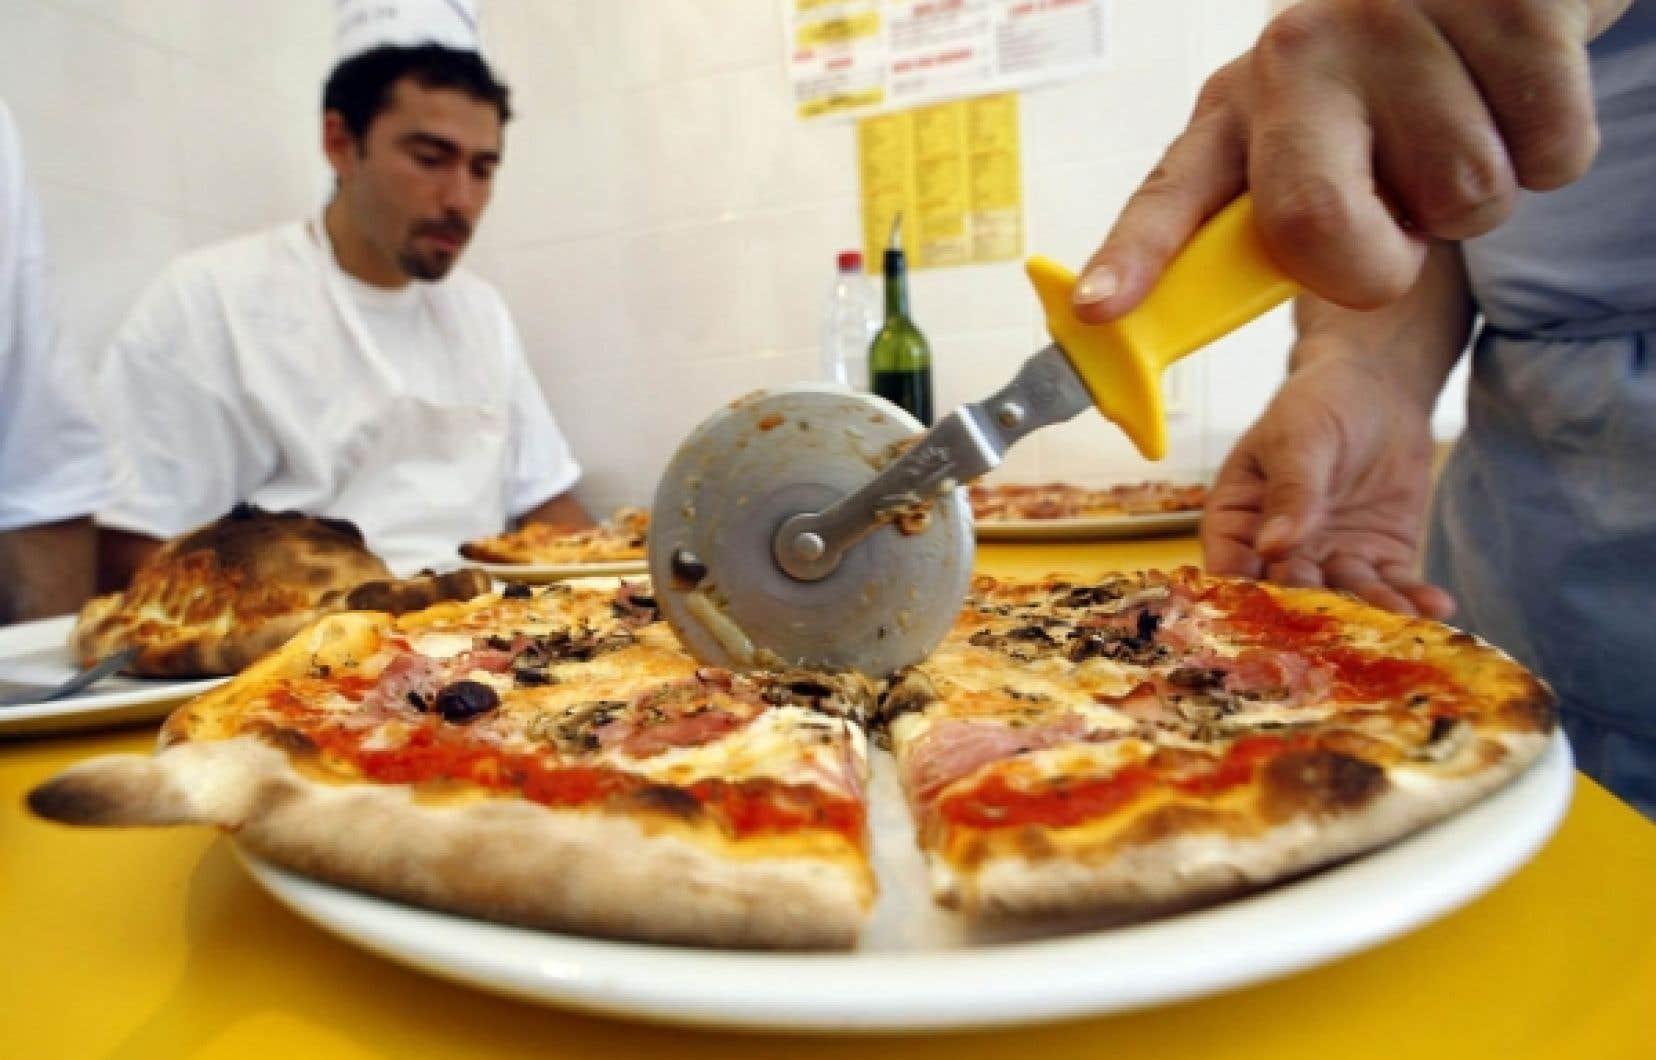 La pizza est un des plats les plus consommés au monde, mais sa qualité et sa composition varient énormément.